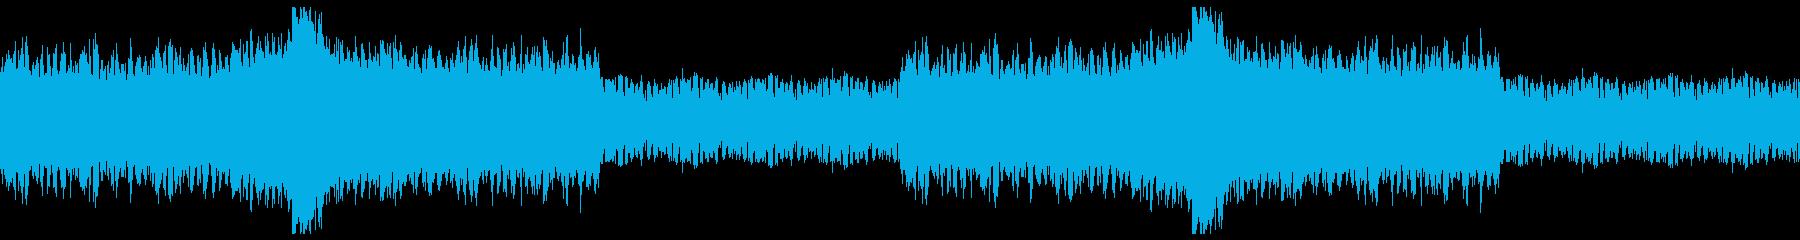 スパークする激しいバトル・ピアノロックの再生済みの波形